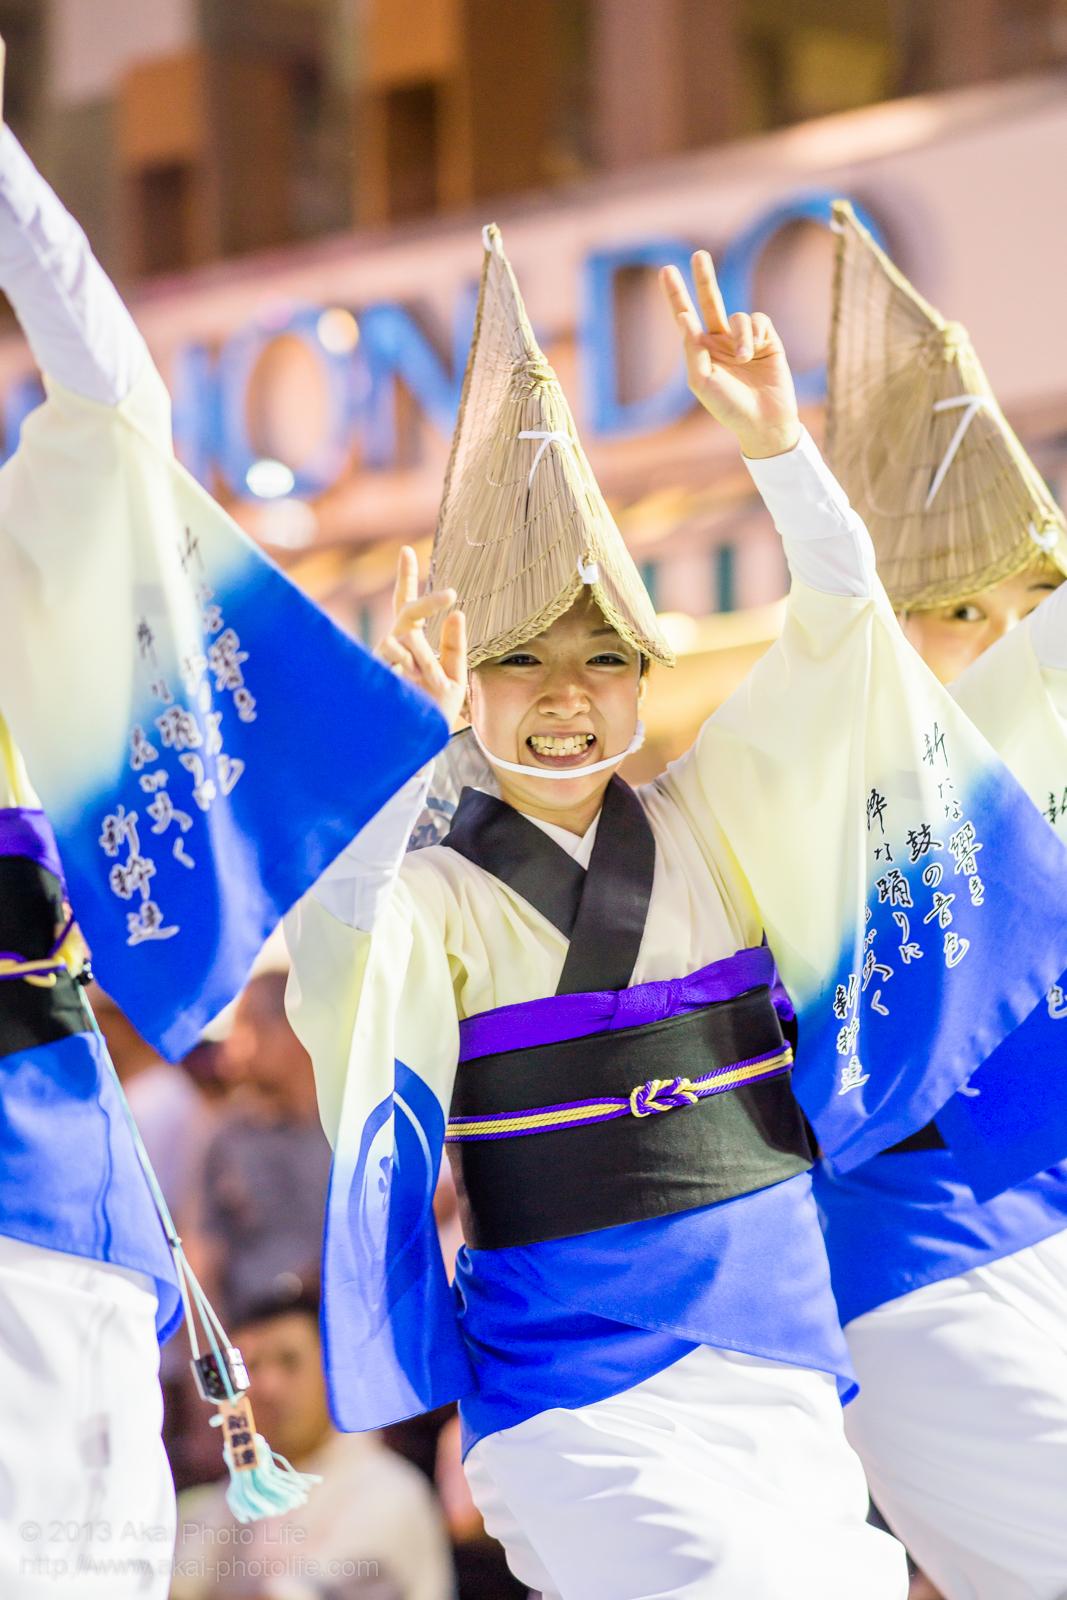 三鷹阿波踊り、新粋連の笑顔が素敵な女踊り